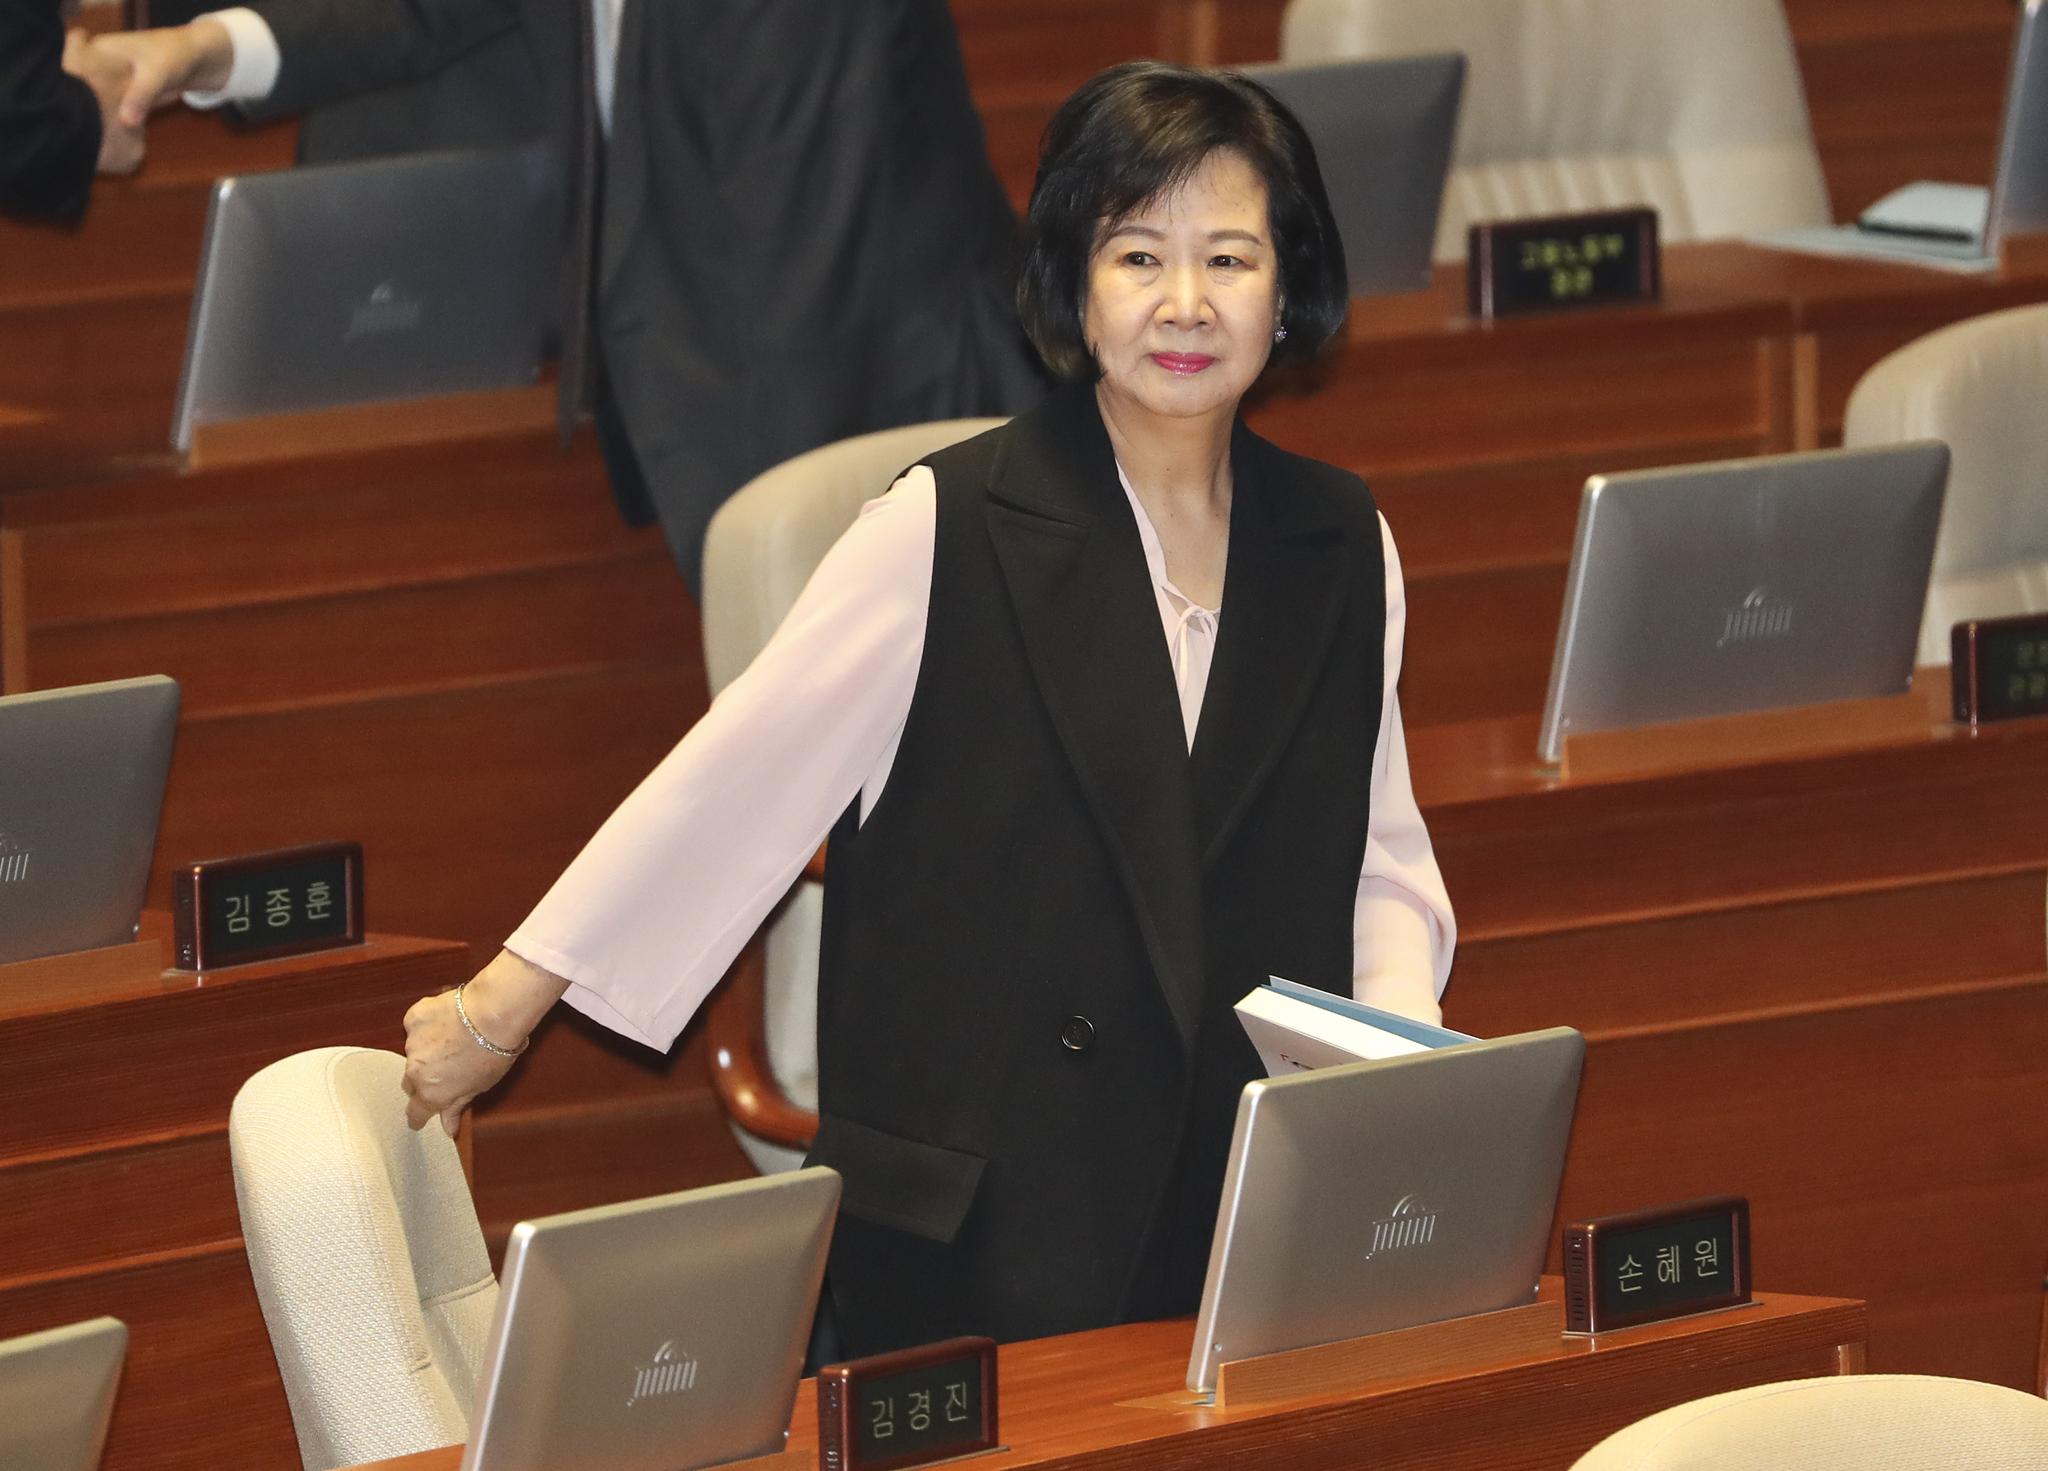 손혜원 무소속 의원이 11일 오전 국회 본회의장에서 열린 홍영표 민주당 원내대표의 교섭단체 대표연설에 참석하고 있다. 임현동 기자